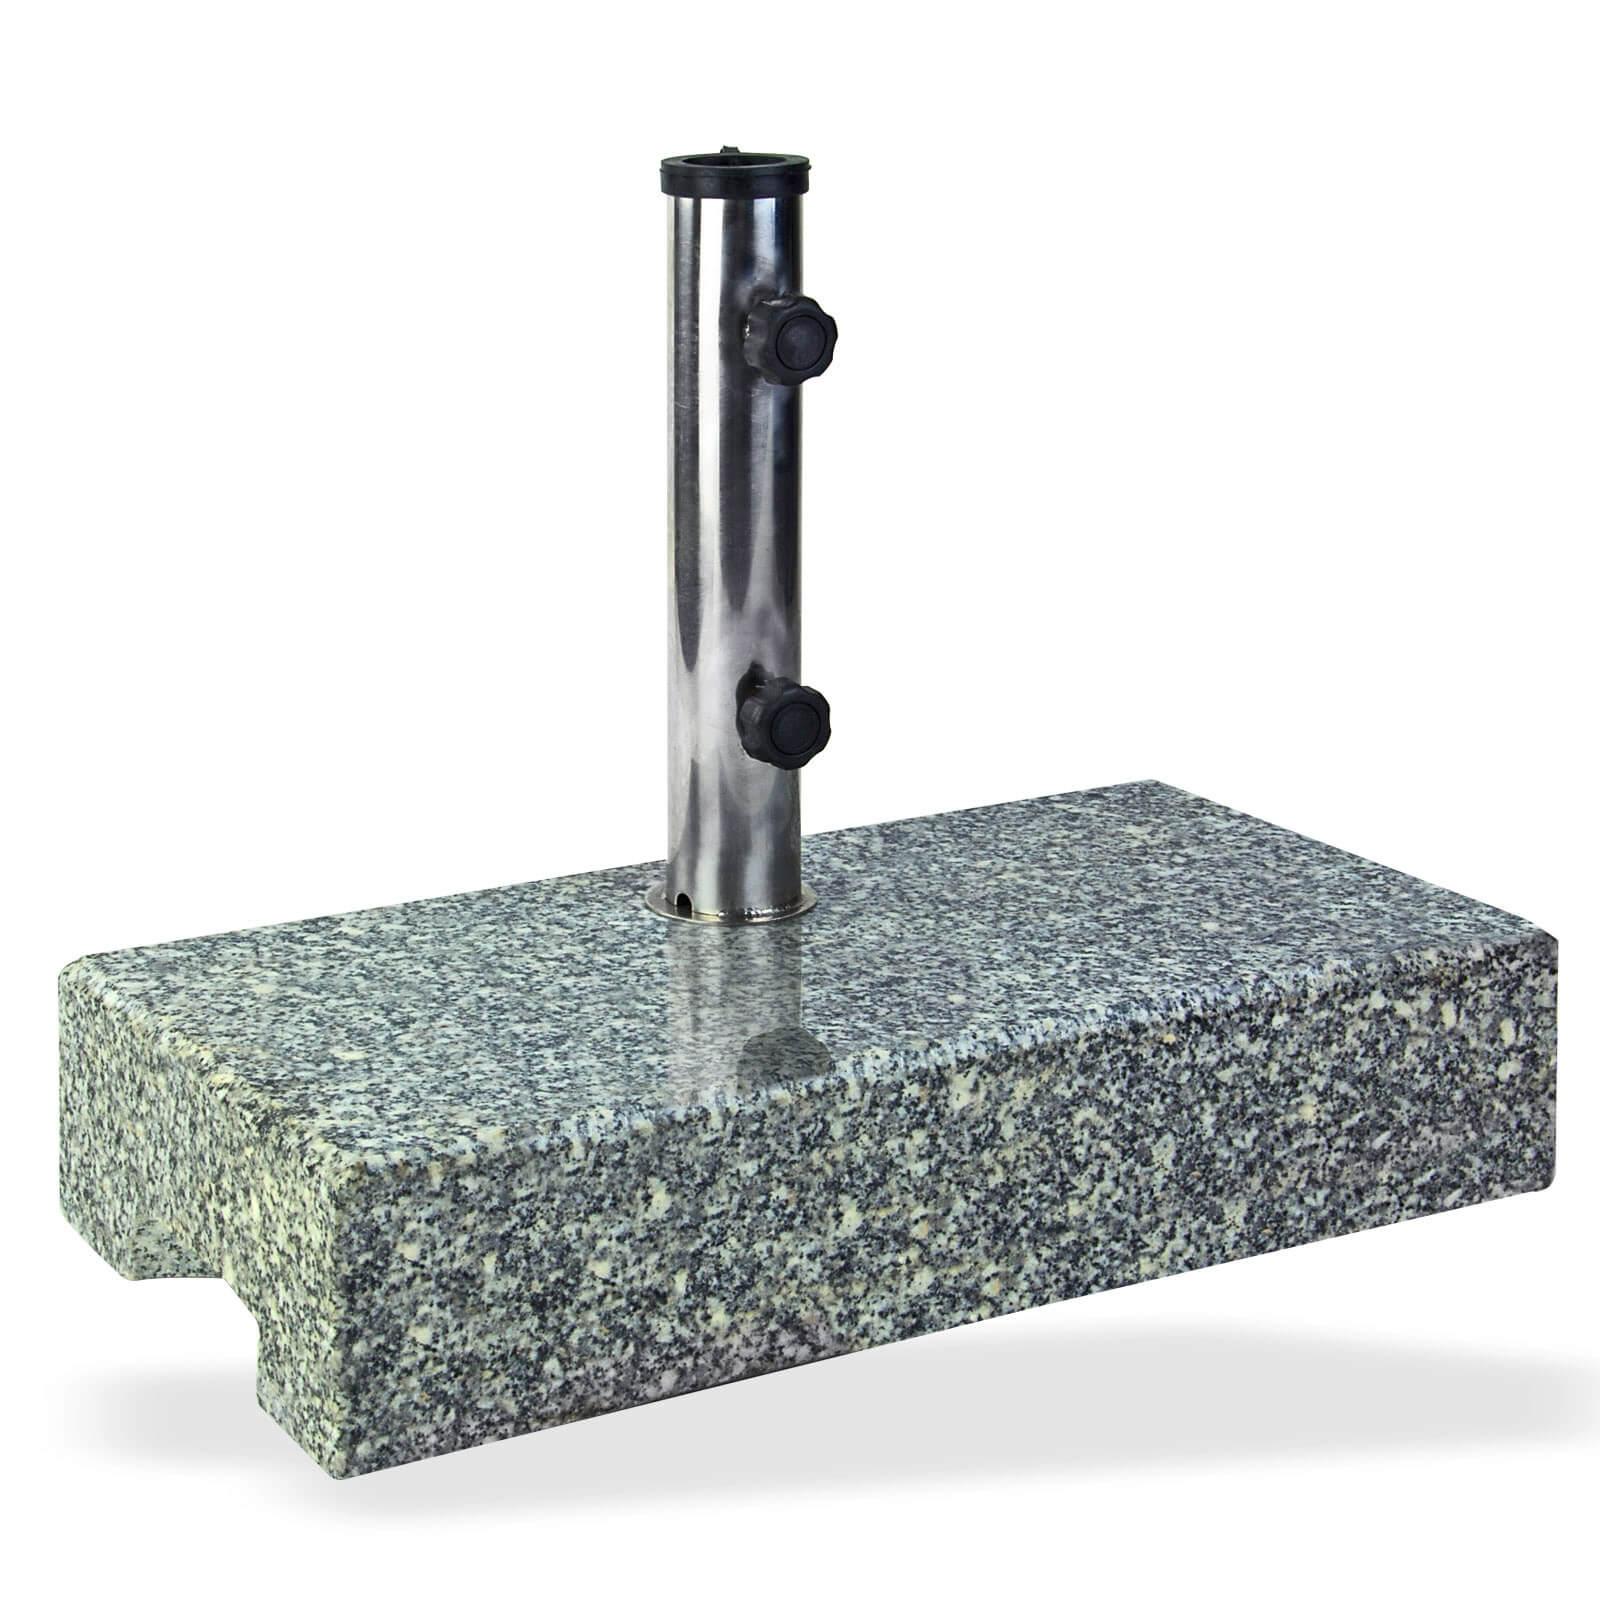 Dema Sonnenschirmständer Schirmständer halb Granit 25 kg Schirmfuß 41035